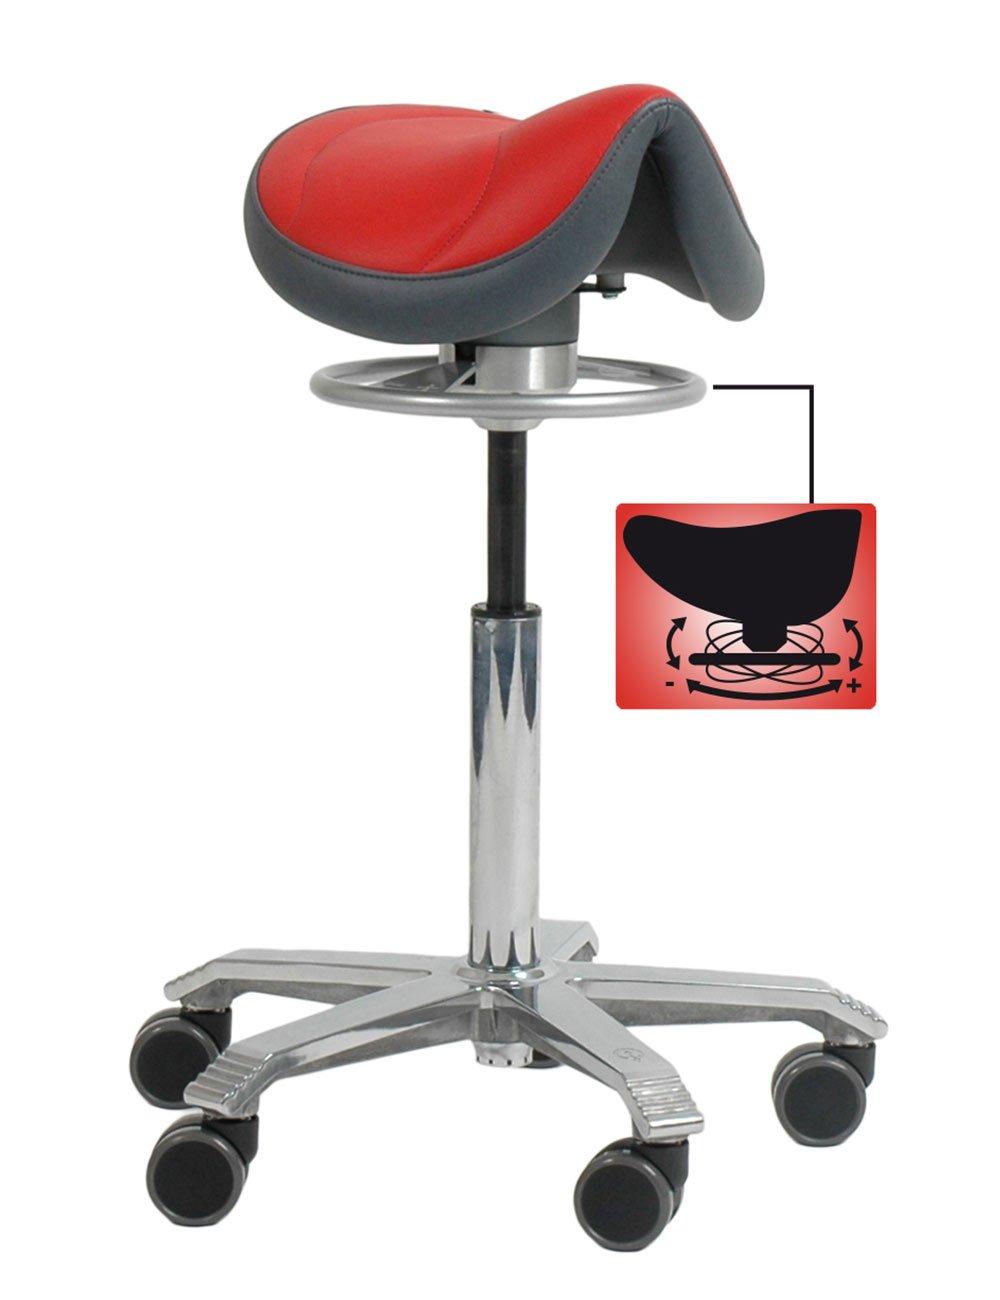 score jumper balance saddle stool